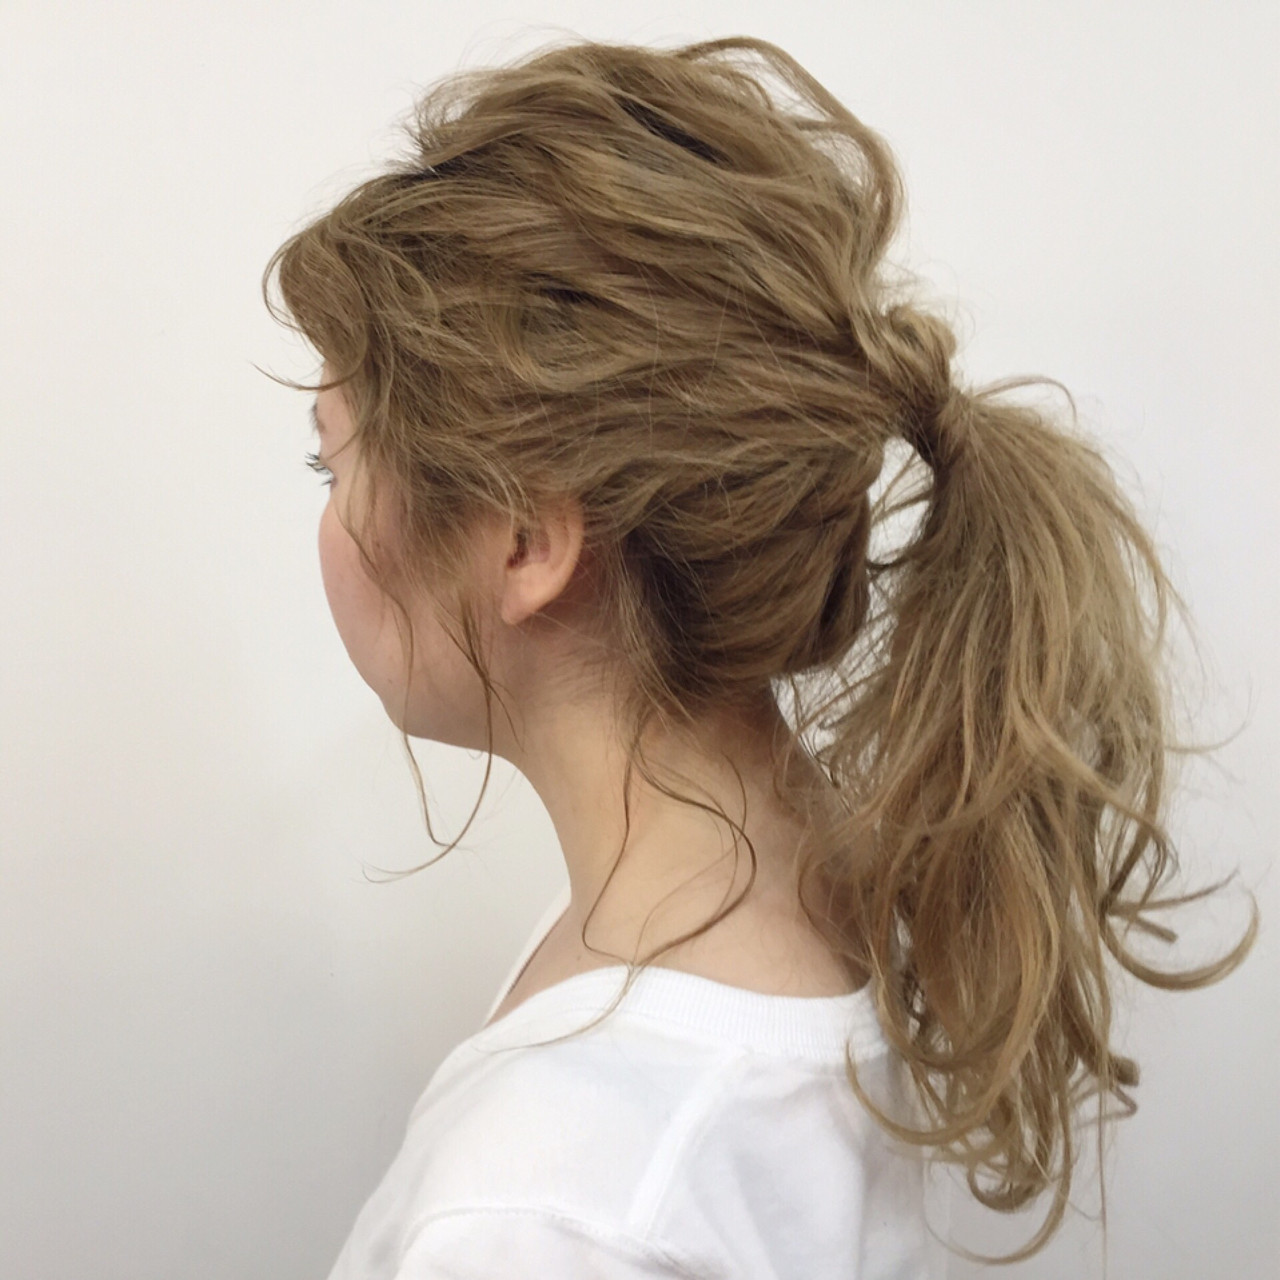 ルーズ ブリーチ セミロング ポニーテール ヘアスタイルや髪型の写真・画像